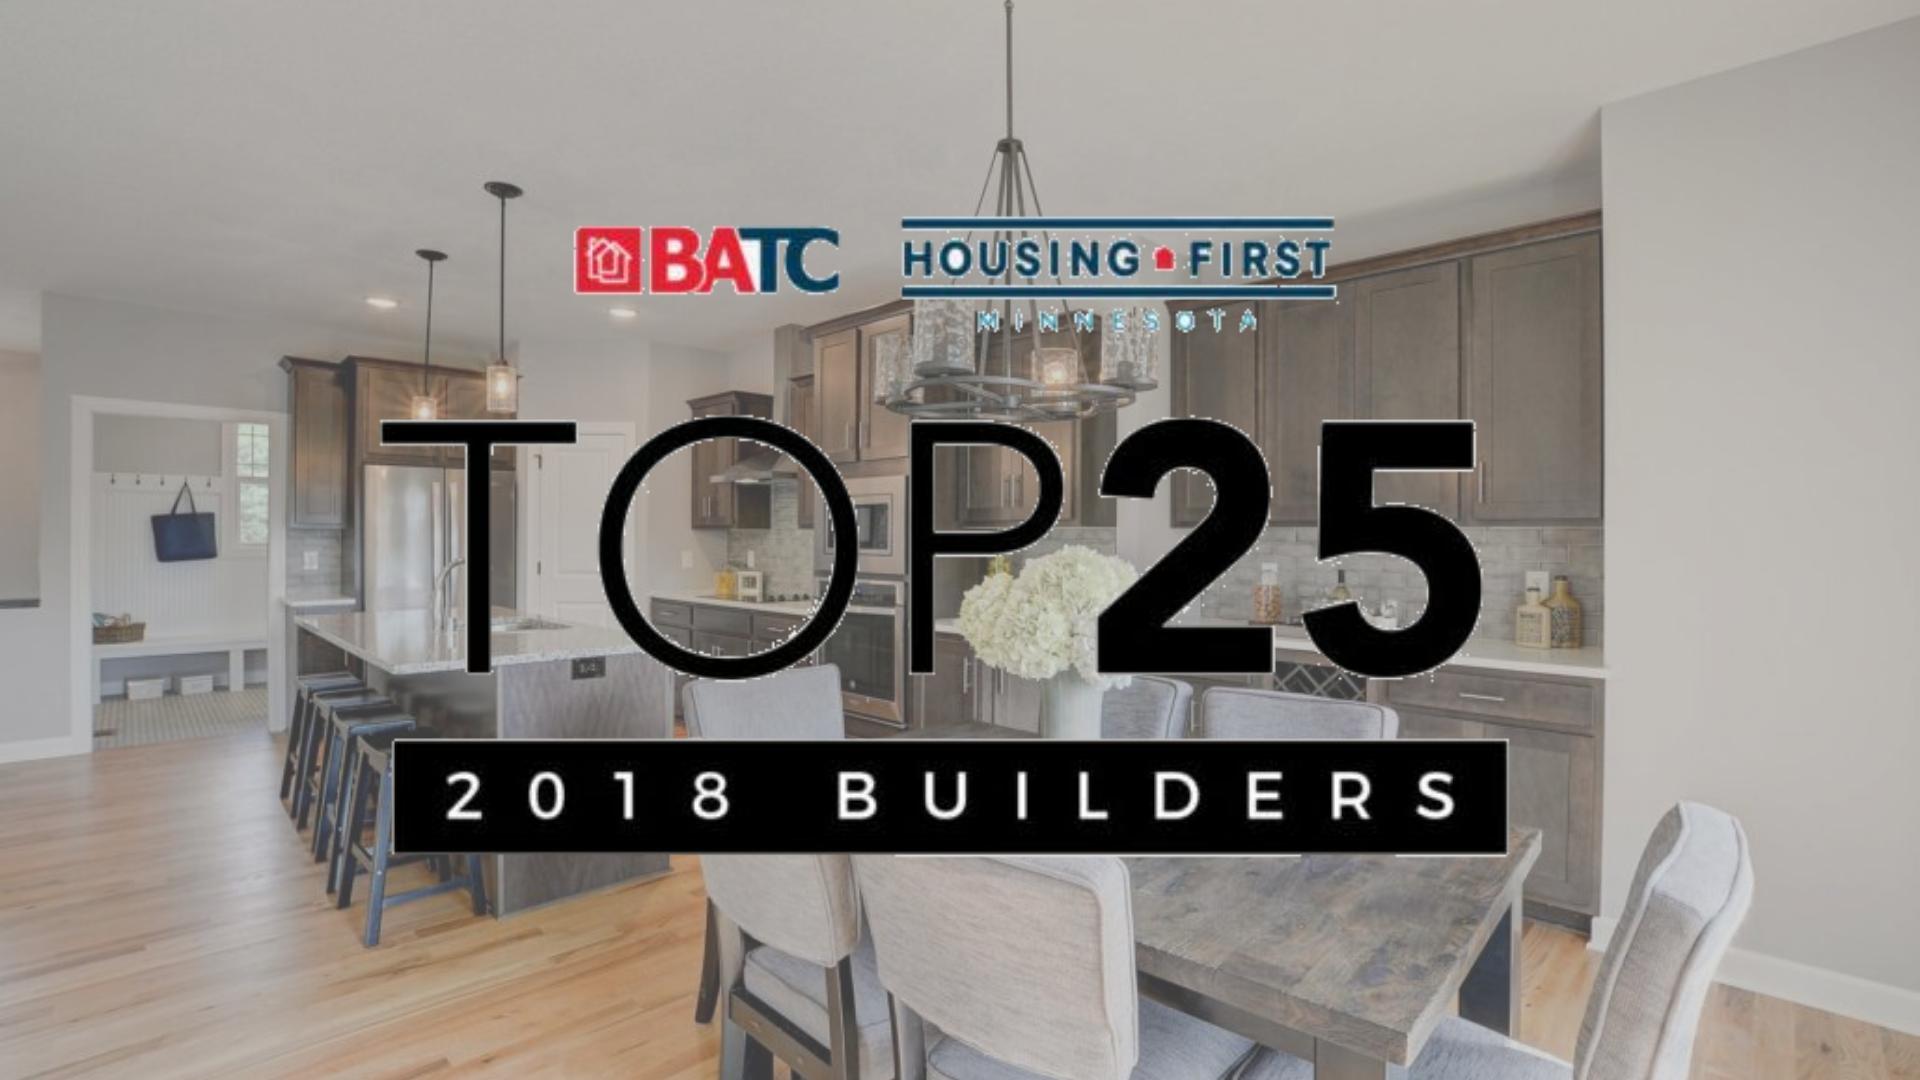 Top 25 Builders 2018